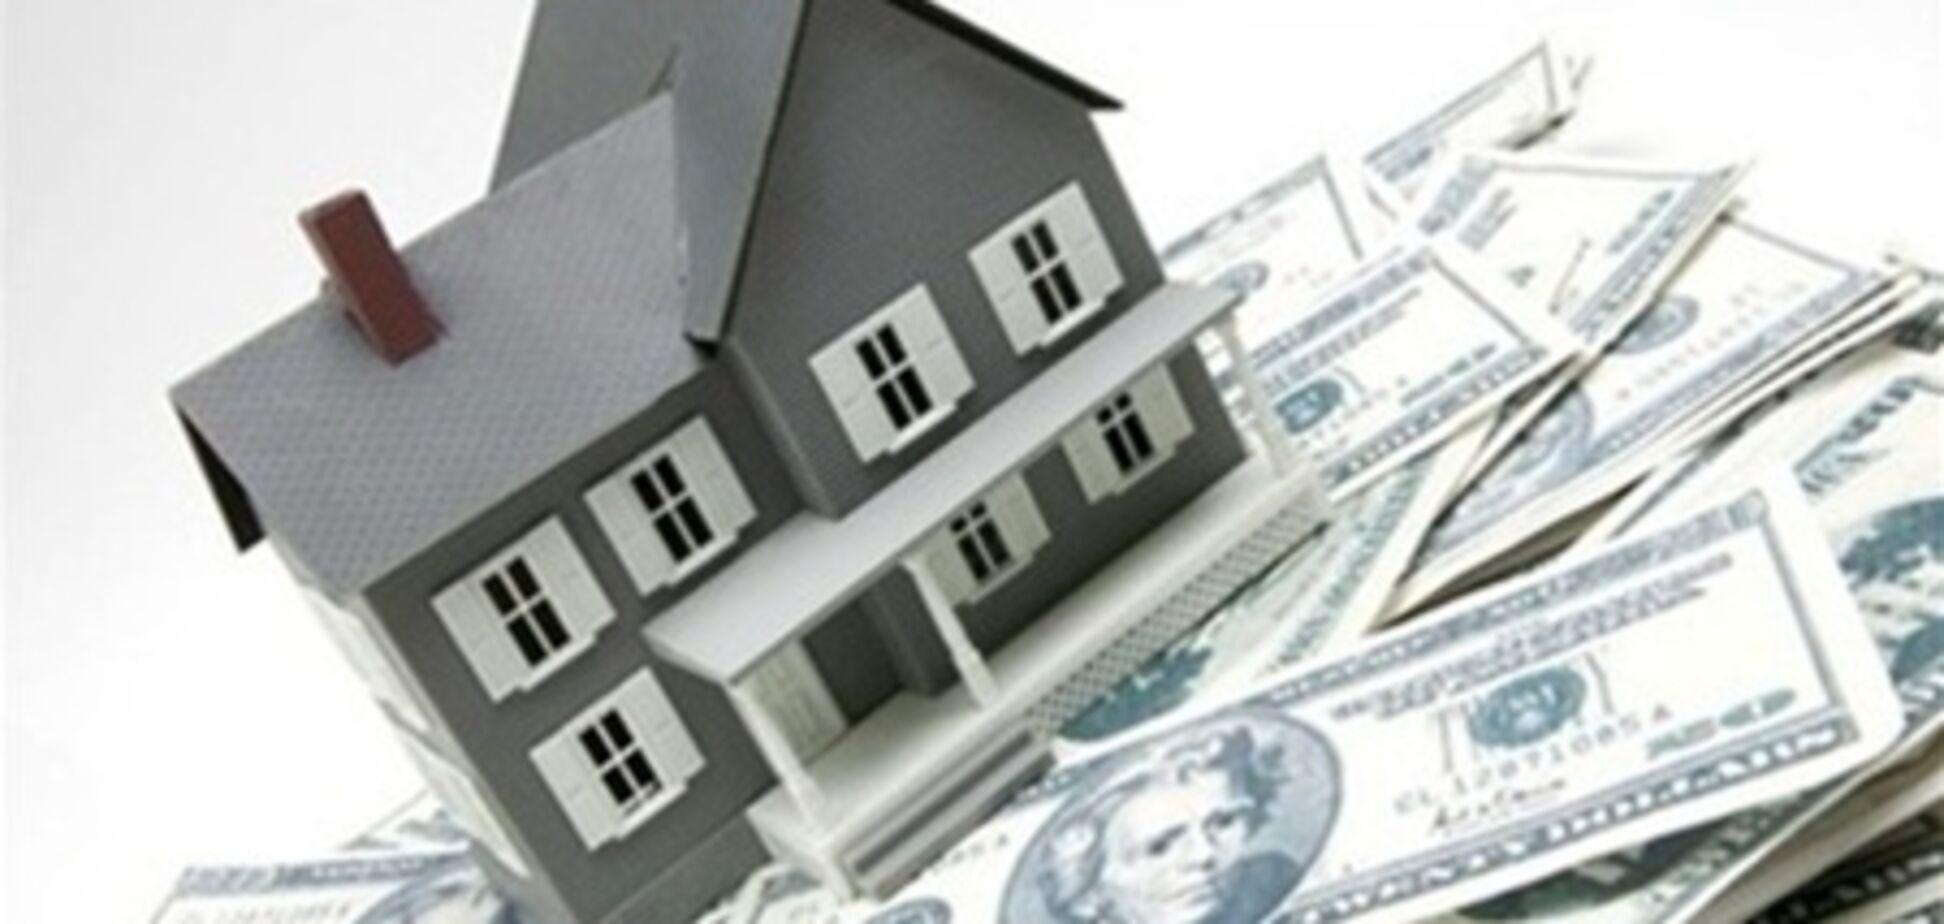 Застройщиков тоже касается налог на недвижимость - Миндоходов